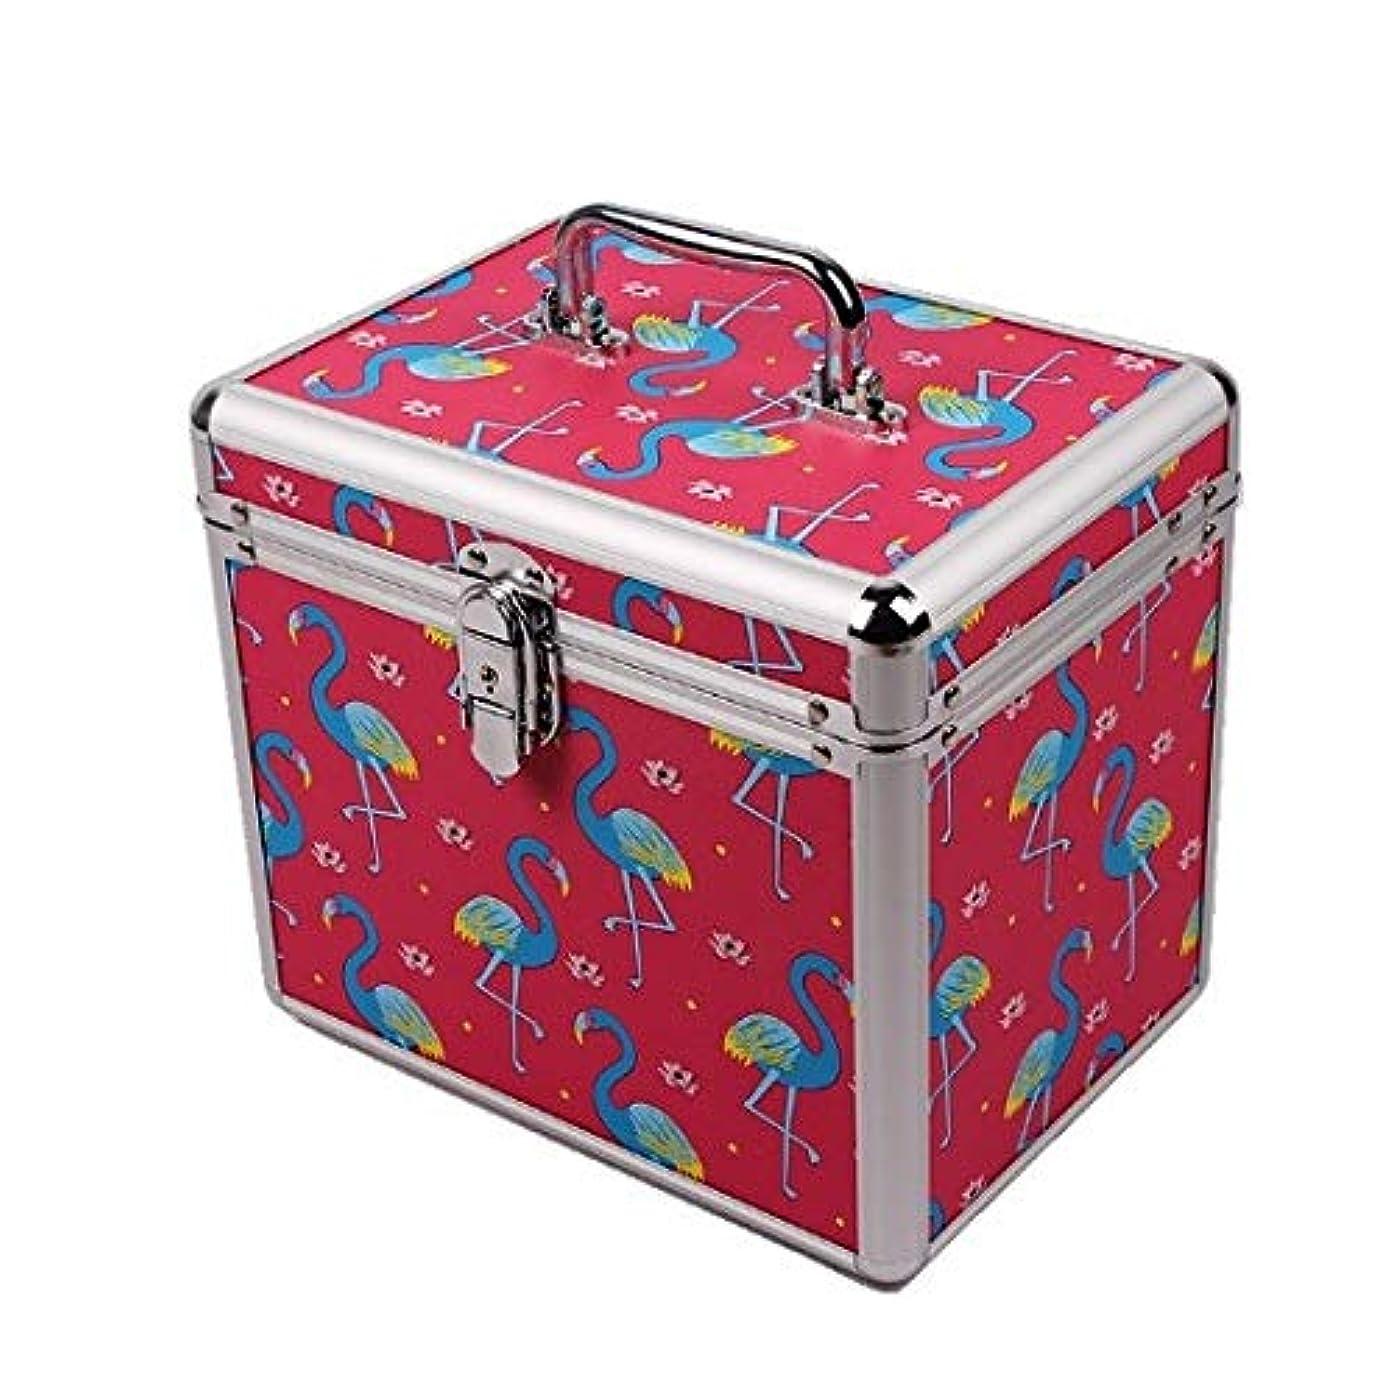 知性転倒ファシズム化粧品ケース、ポータブル二重層ロックフットバス技術者ポータブルツールボックス、ポータブル旅行化粧品ケース、美容ネイルジュエリー収納ボックス (Design : 1#)